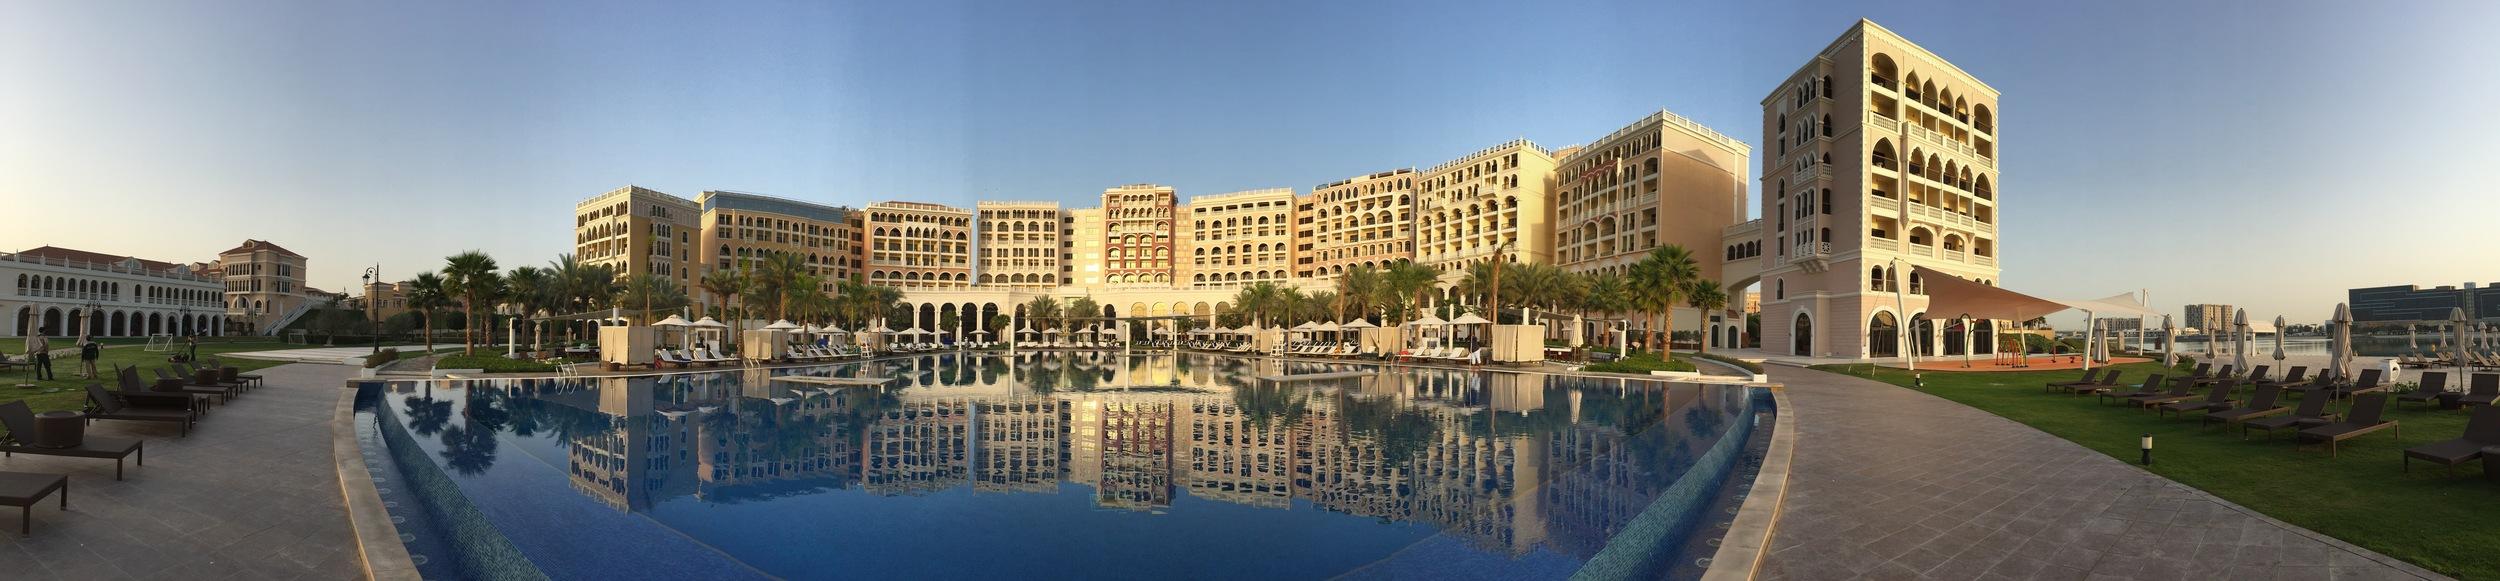 The Ritz Carlton Grand Canal, Abu Dhabi